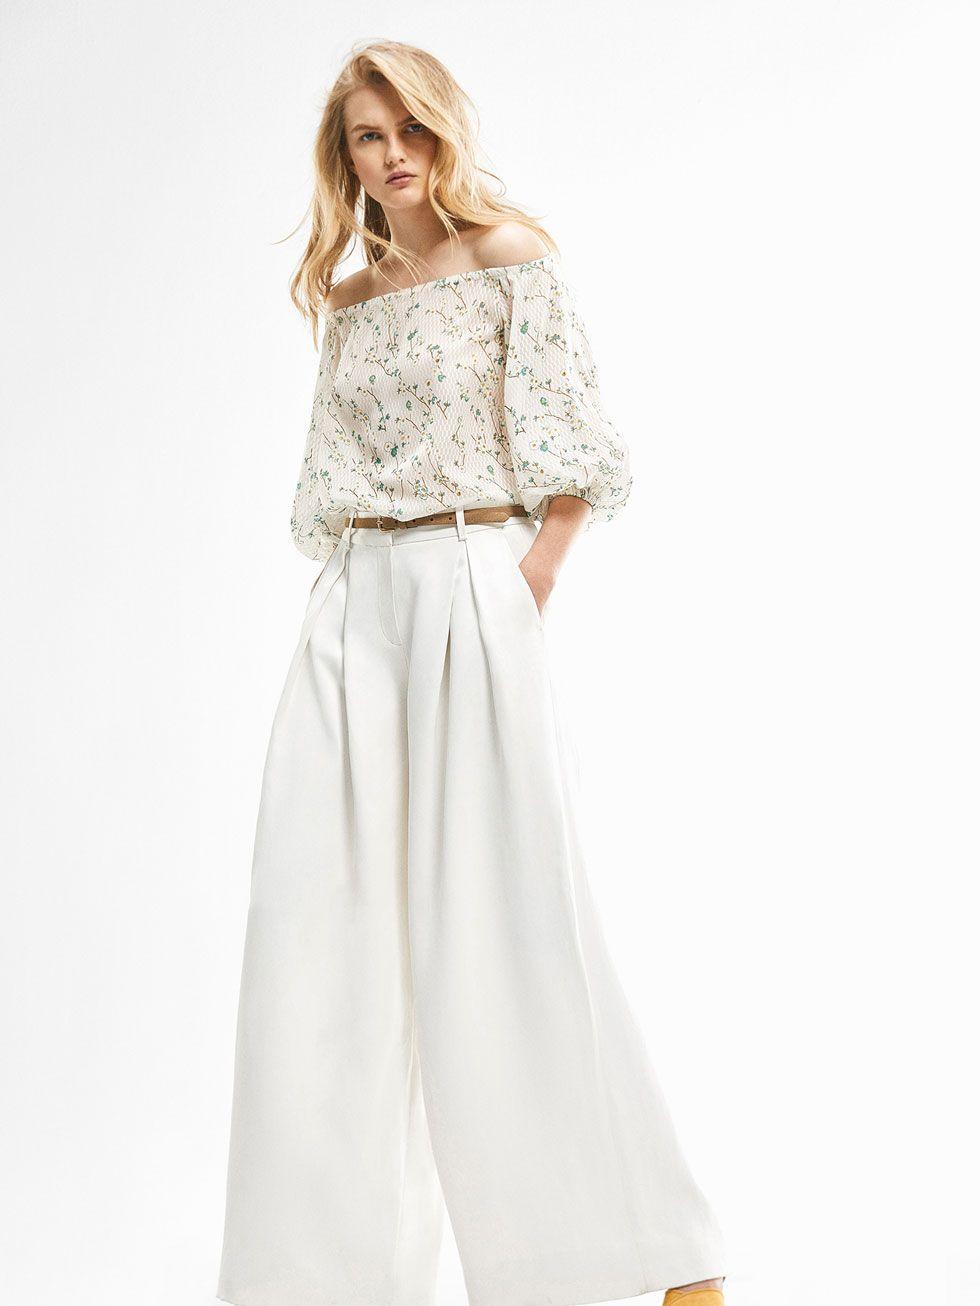 Weite Hose In Weiss Limited Edition Fur Damen Hosen Alles